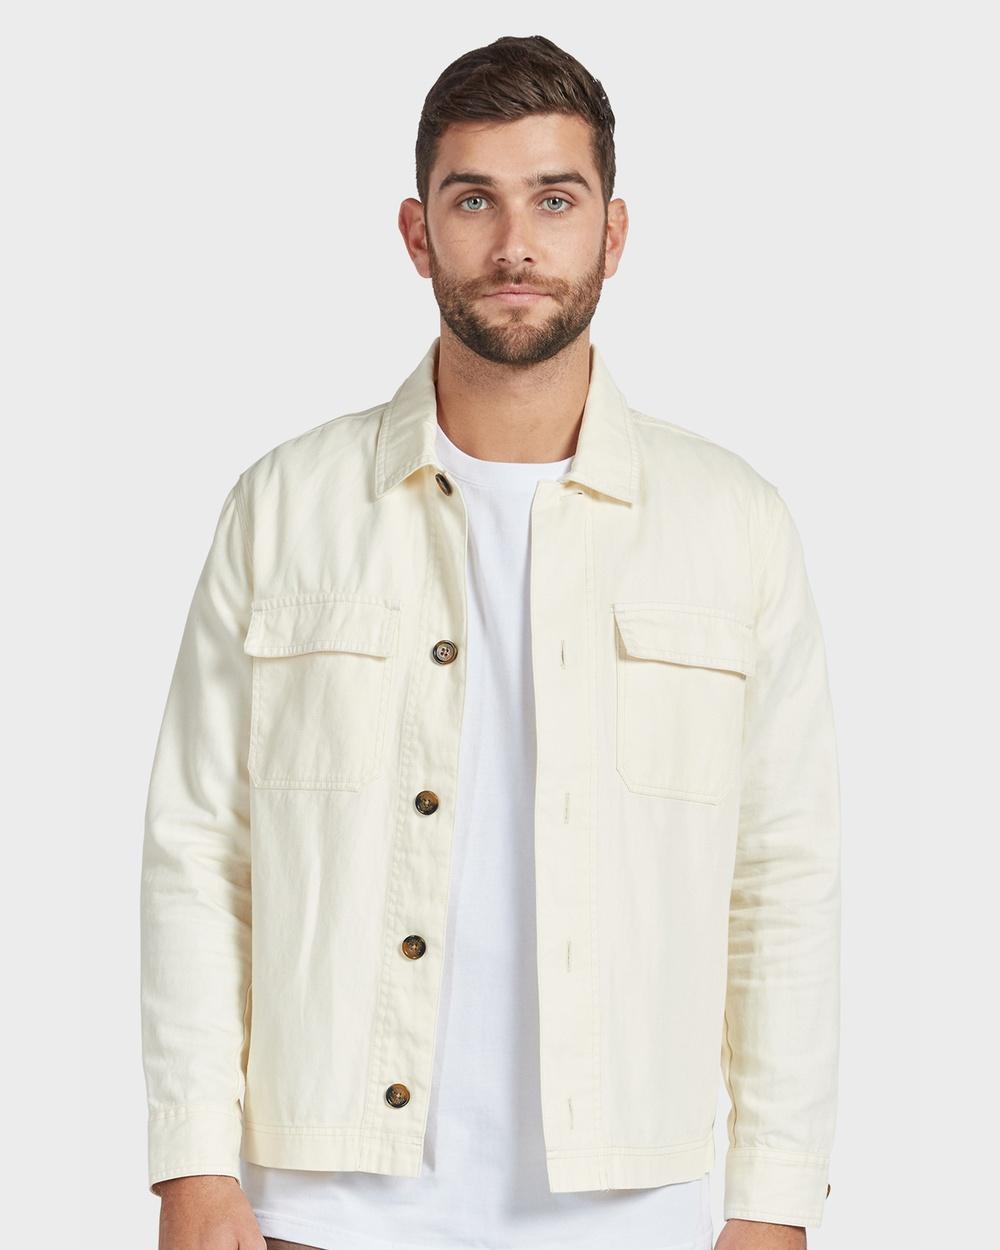 Academy Brand Standard Jacket Coats & Jackets Neutrals